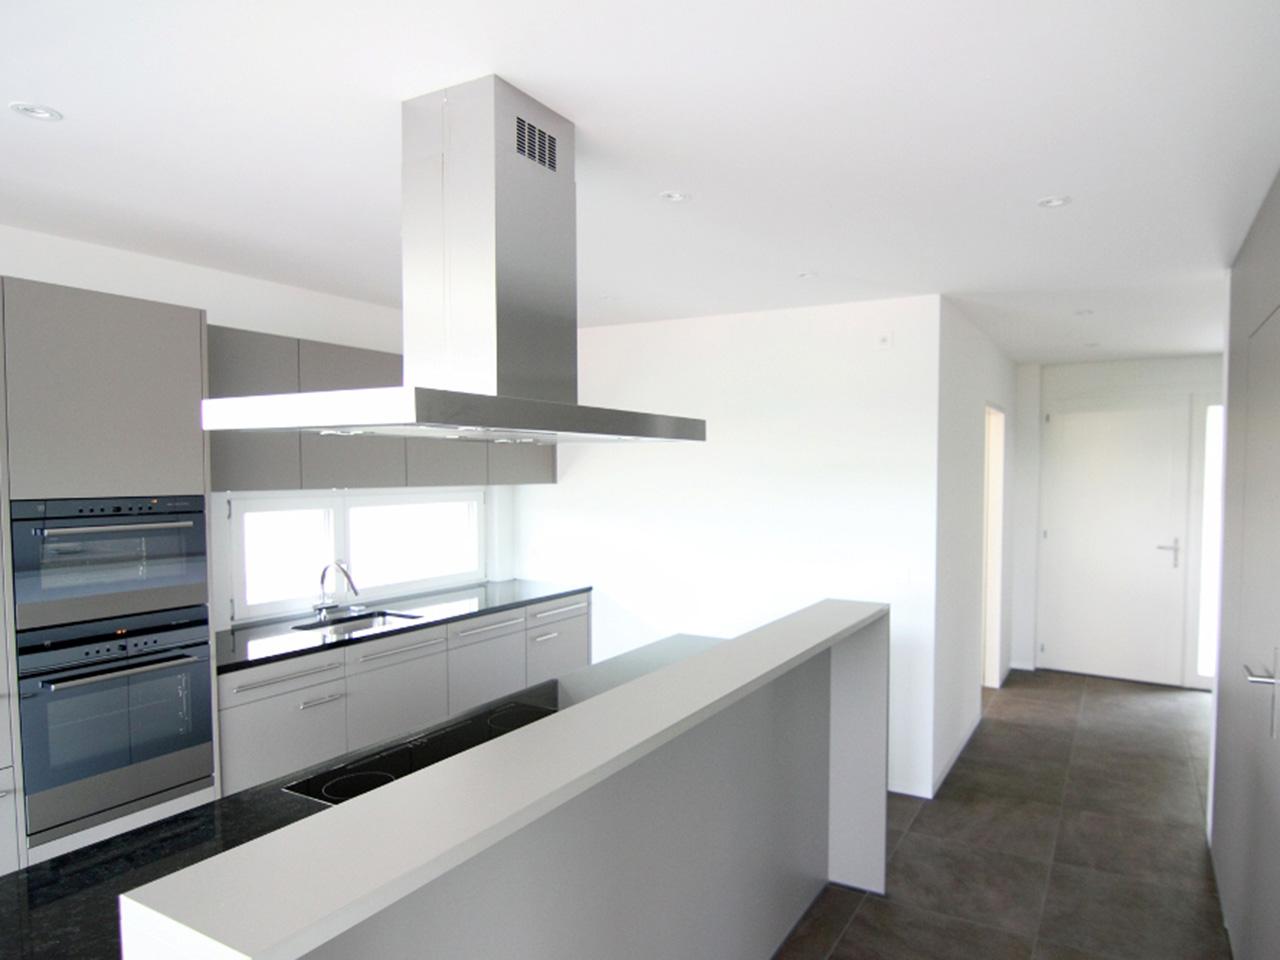 laubhus-architektur-mehrfamilienhaus-doettingen